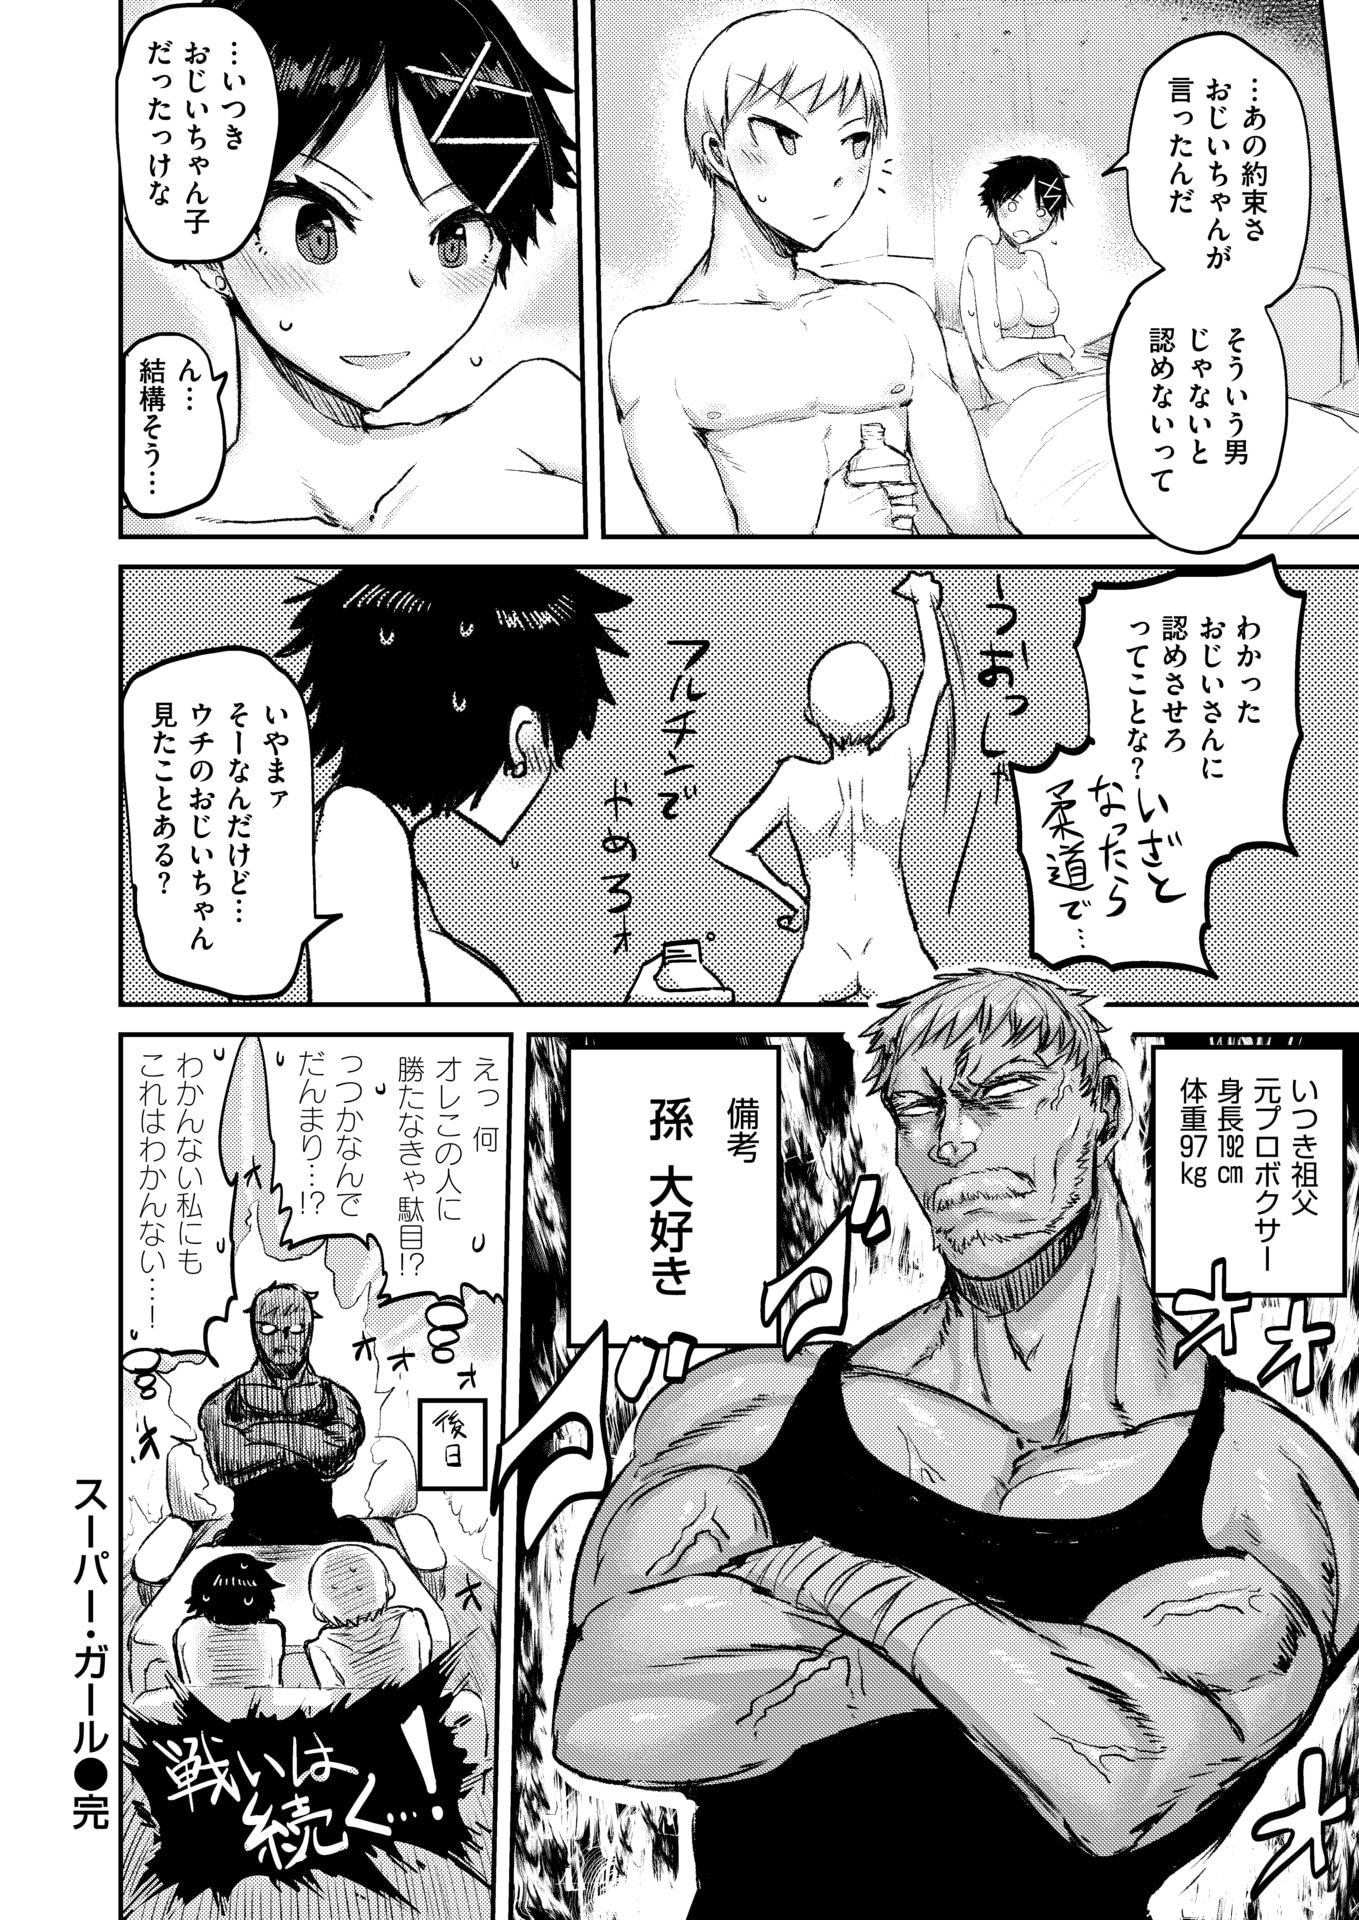 【JKエロ漫画】ボーイッシュになった爆乳幼なじみとバッキバキの勃起チンポで生ハメえっち!